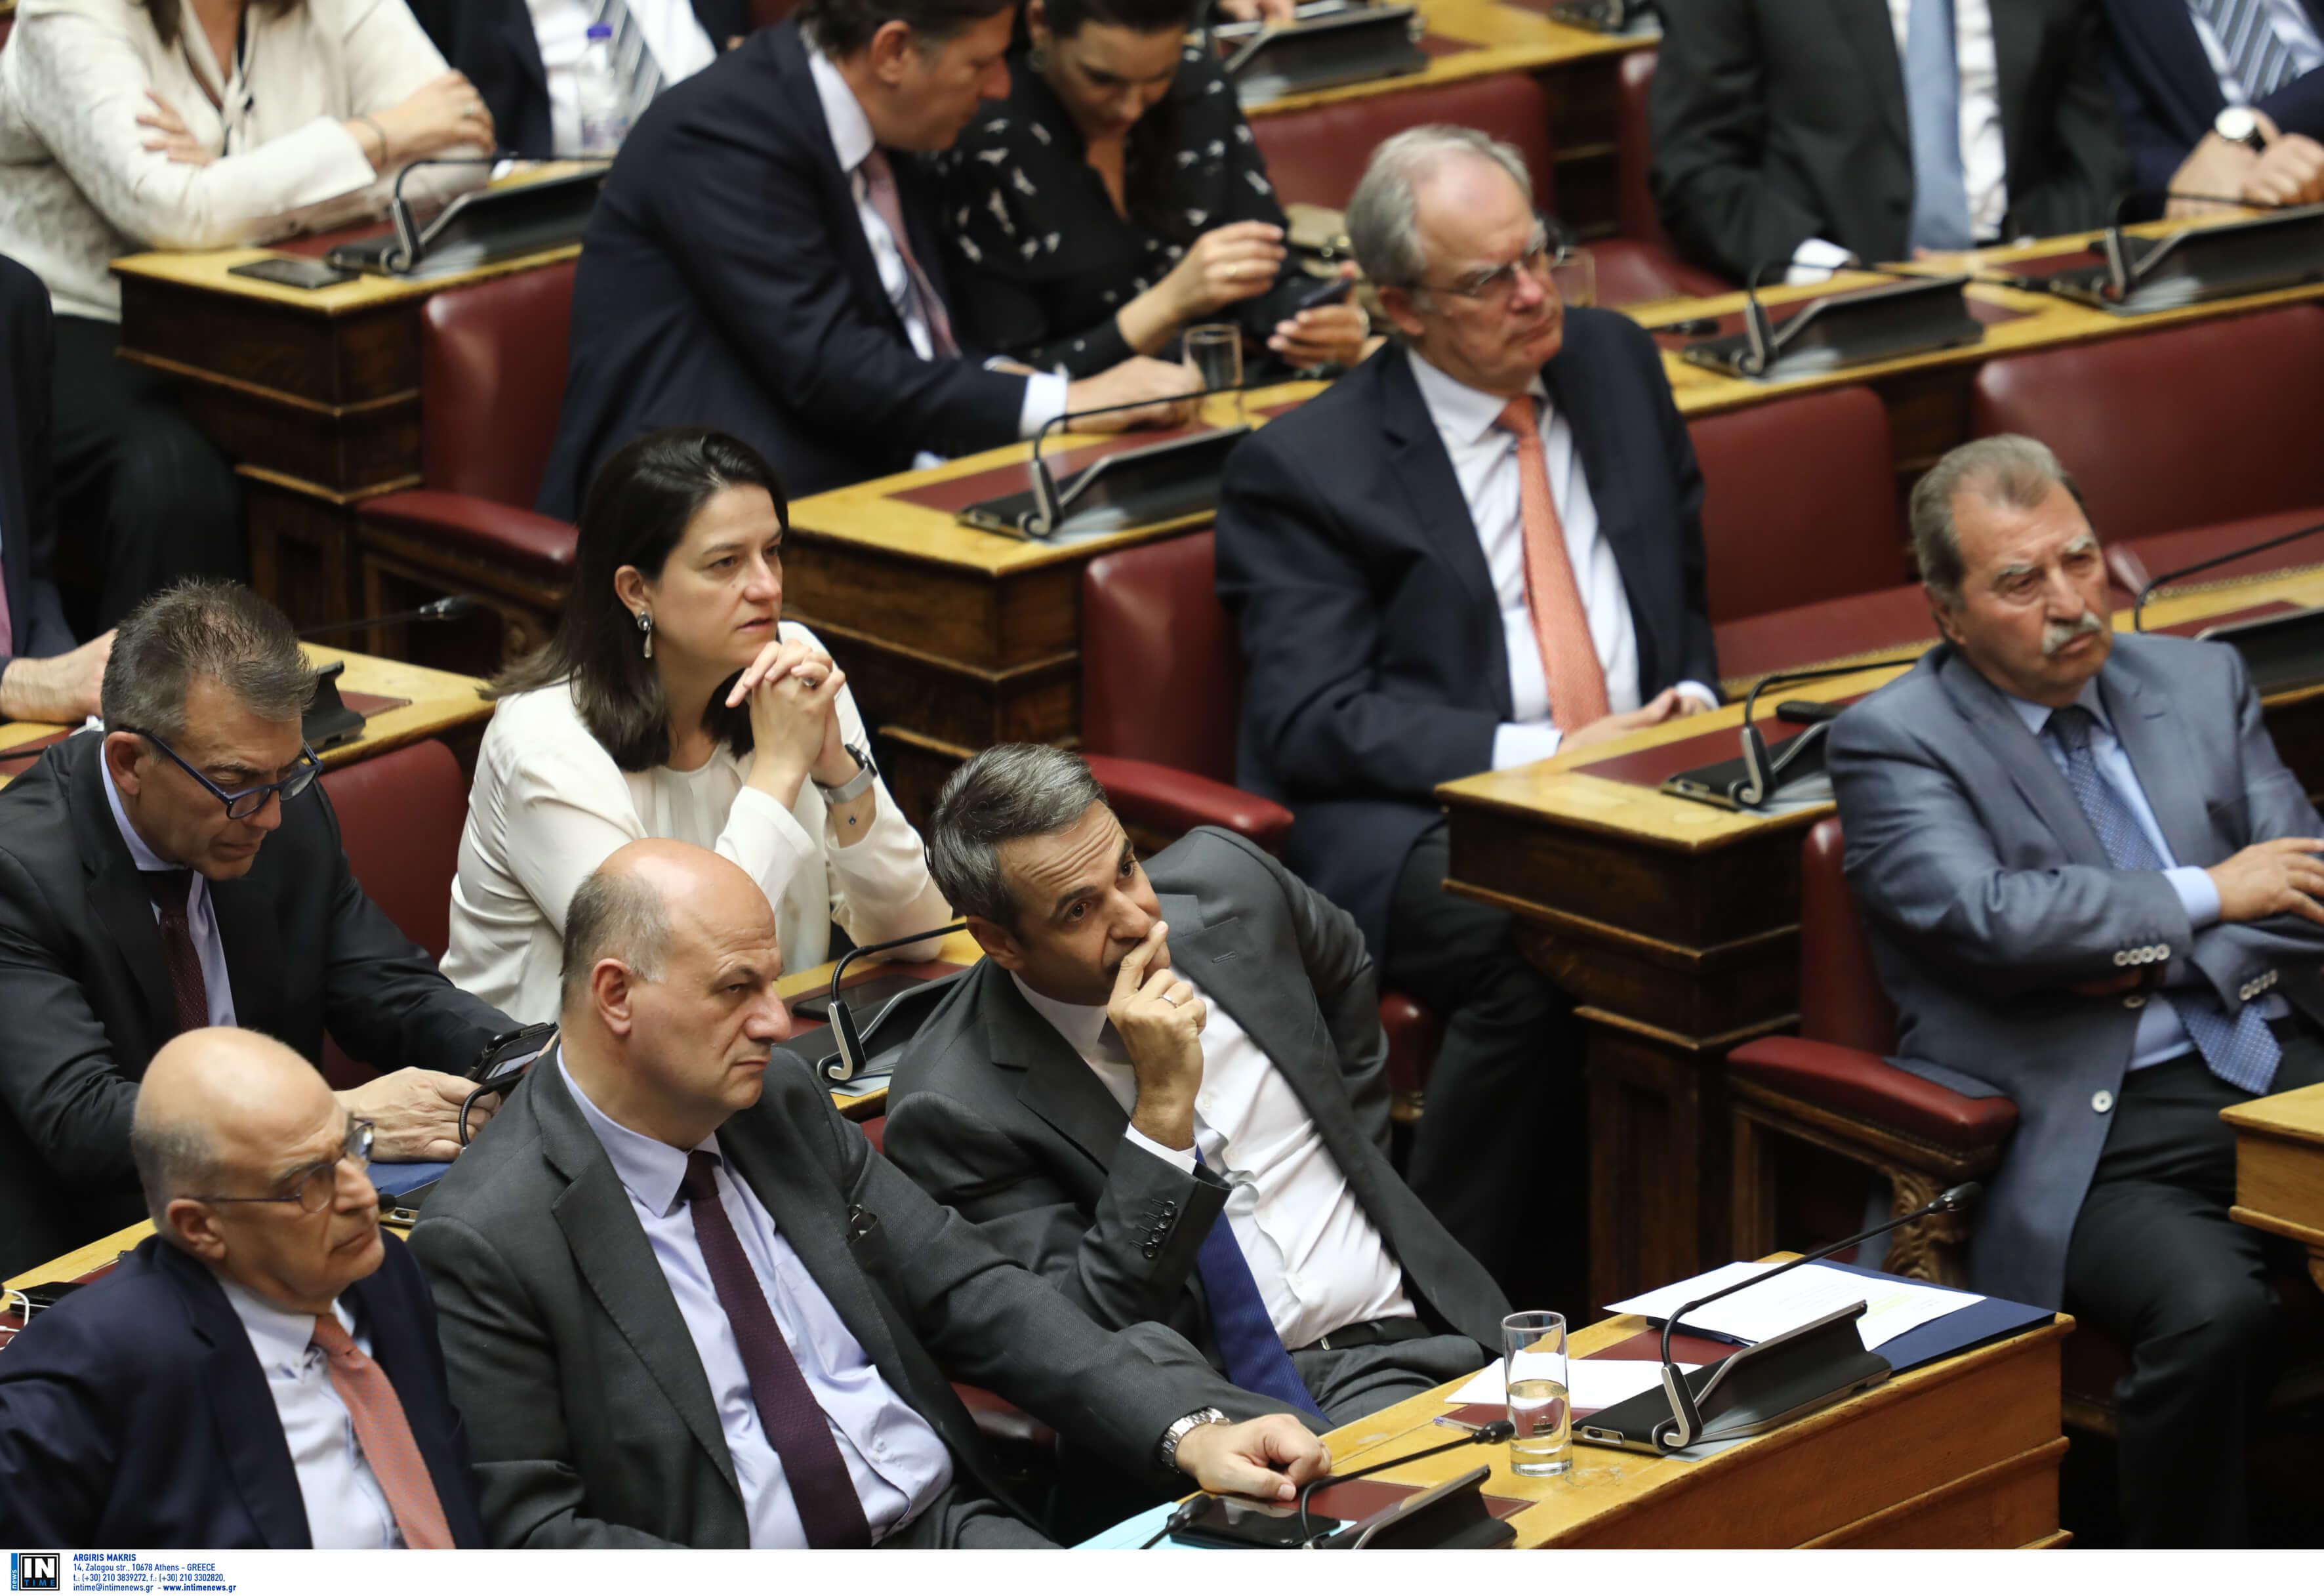 Το κότερο, ο Πολάκης και οι… απρόθυμοι – Πως «διαβάζει» η ΝΔ όσα έγιναν στη Βουλή